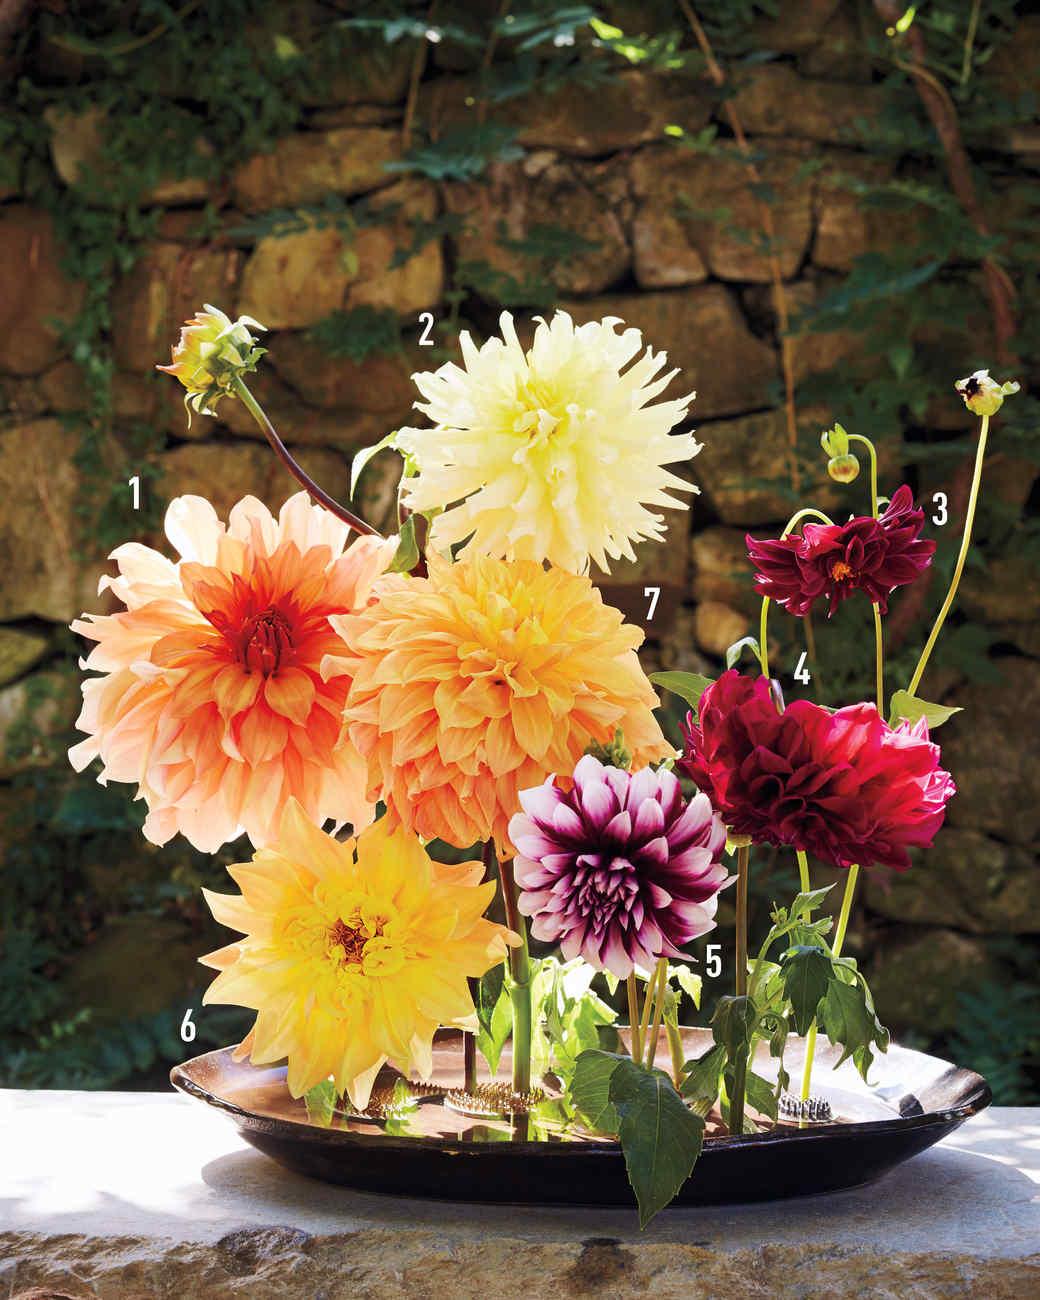 meadowburn-farms-garden-dahlia-glossary-numbered-v3-212-d111557-0815.jpg